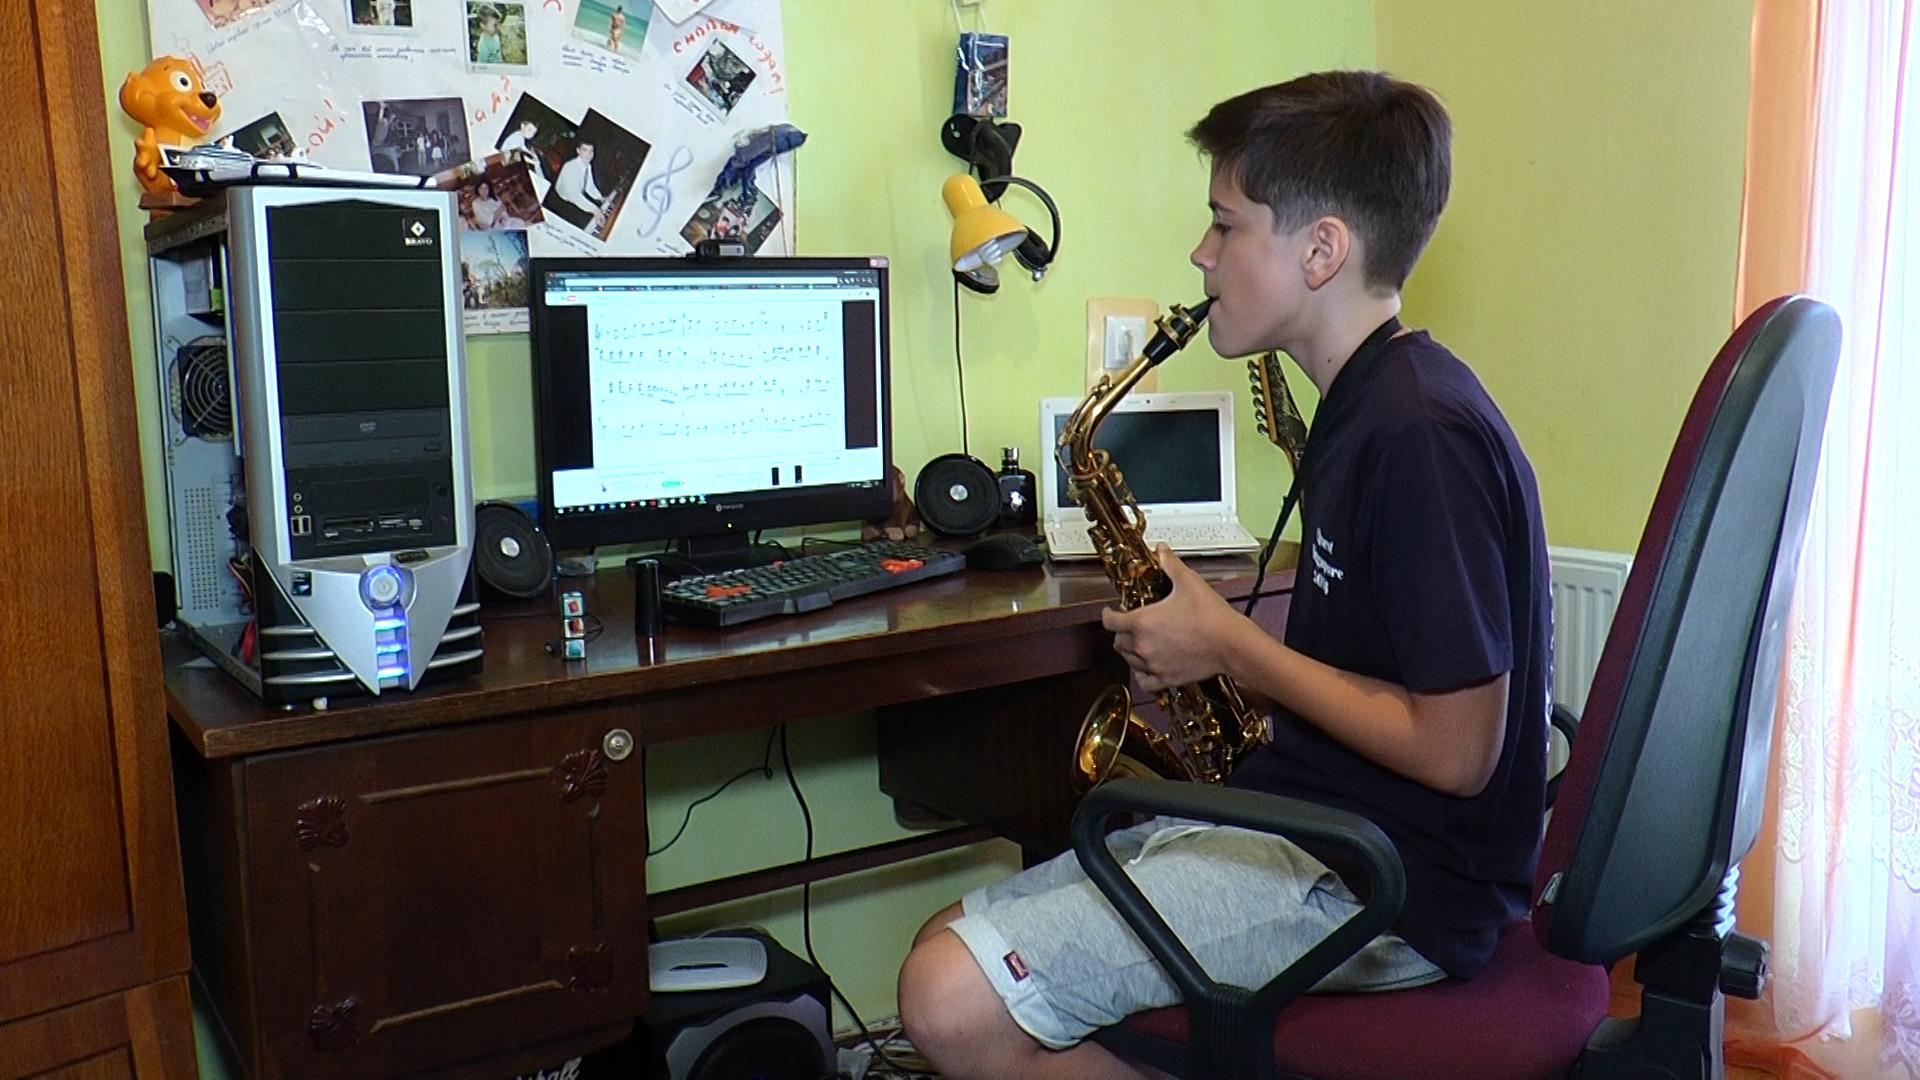 Замість спінера- саксофон! Чим захоплюється юний закарпатець?